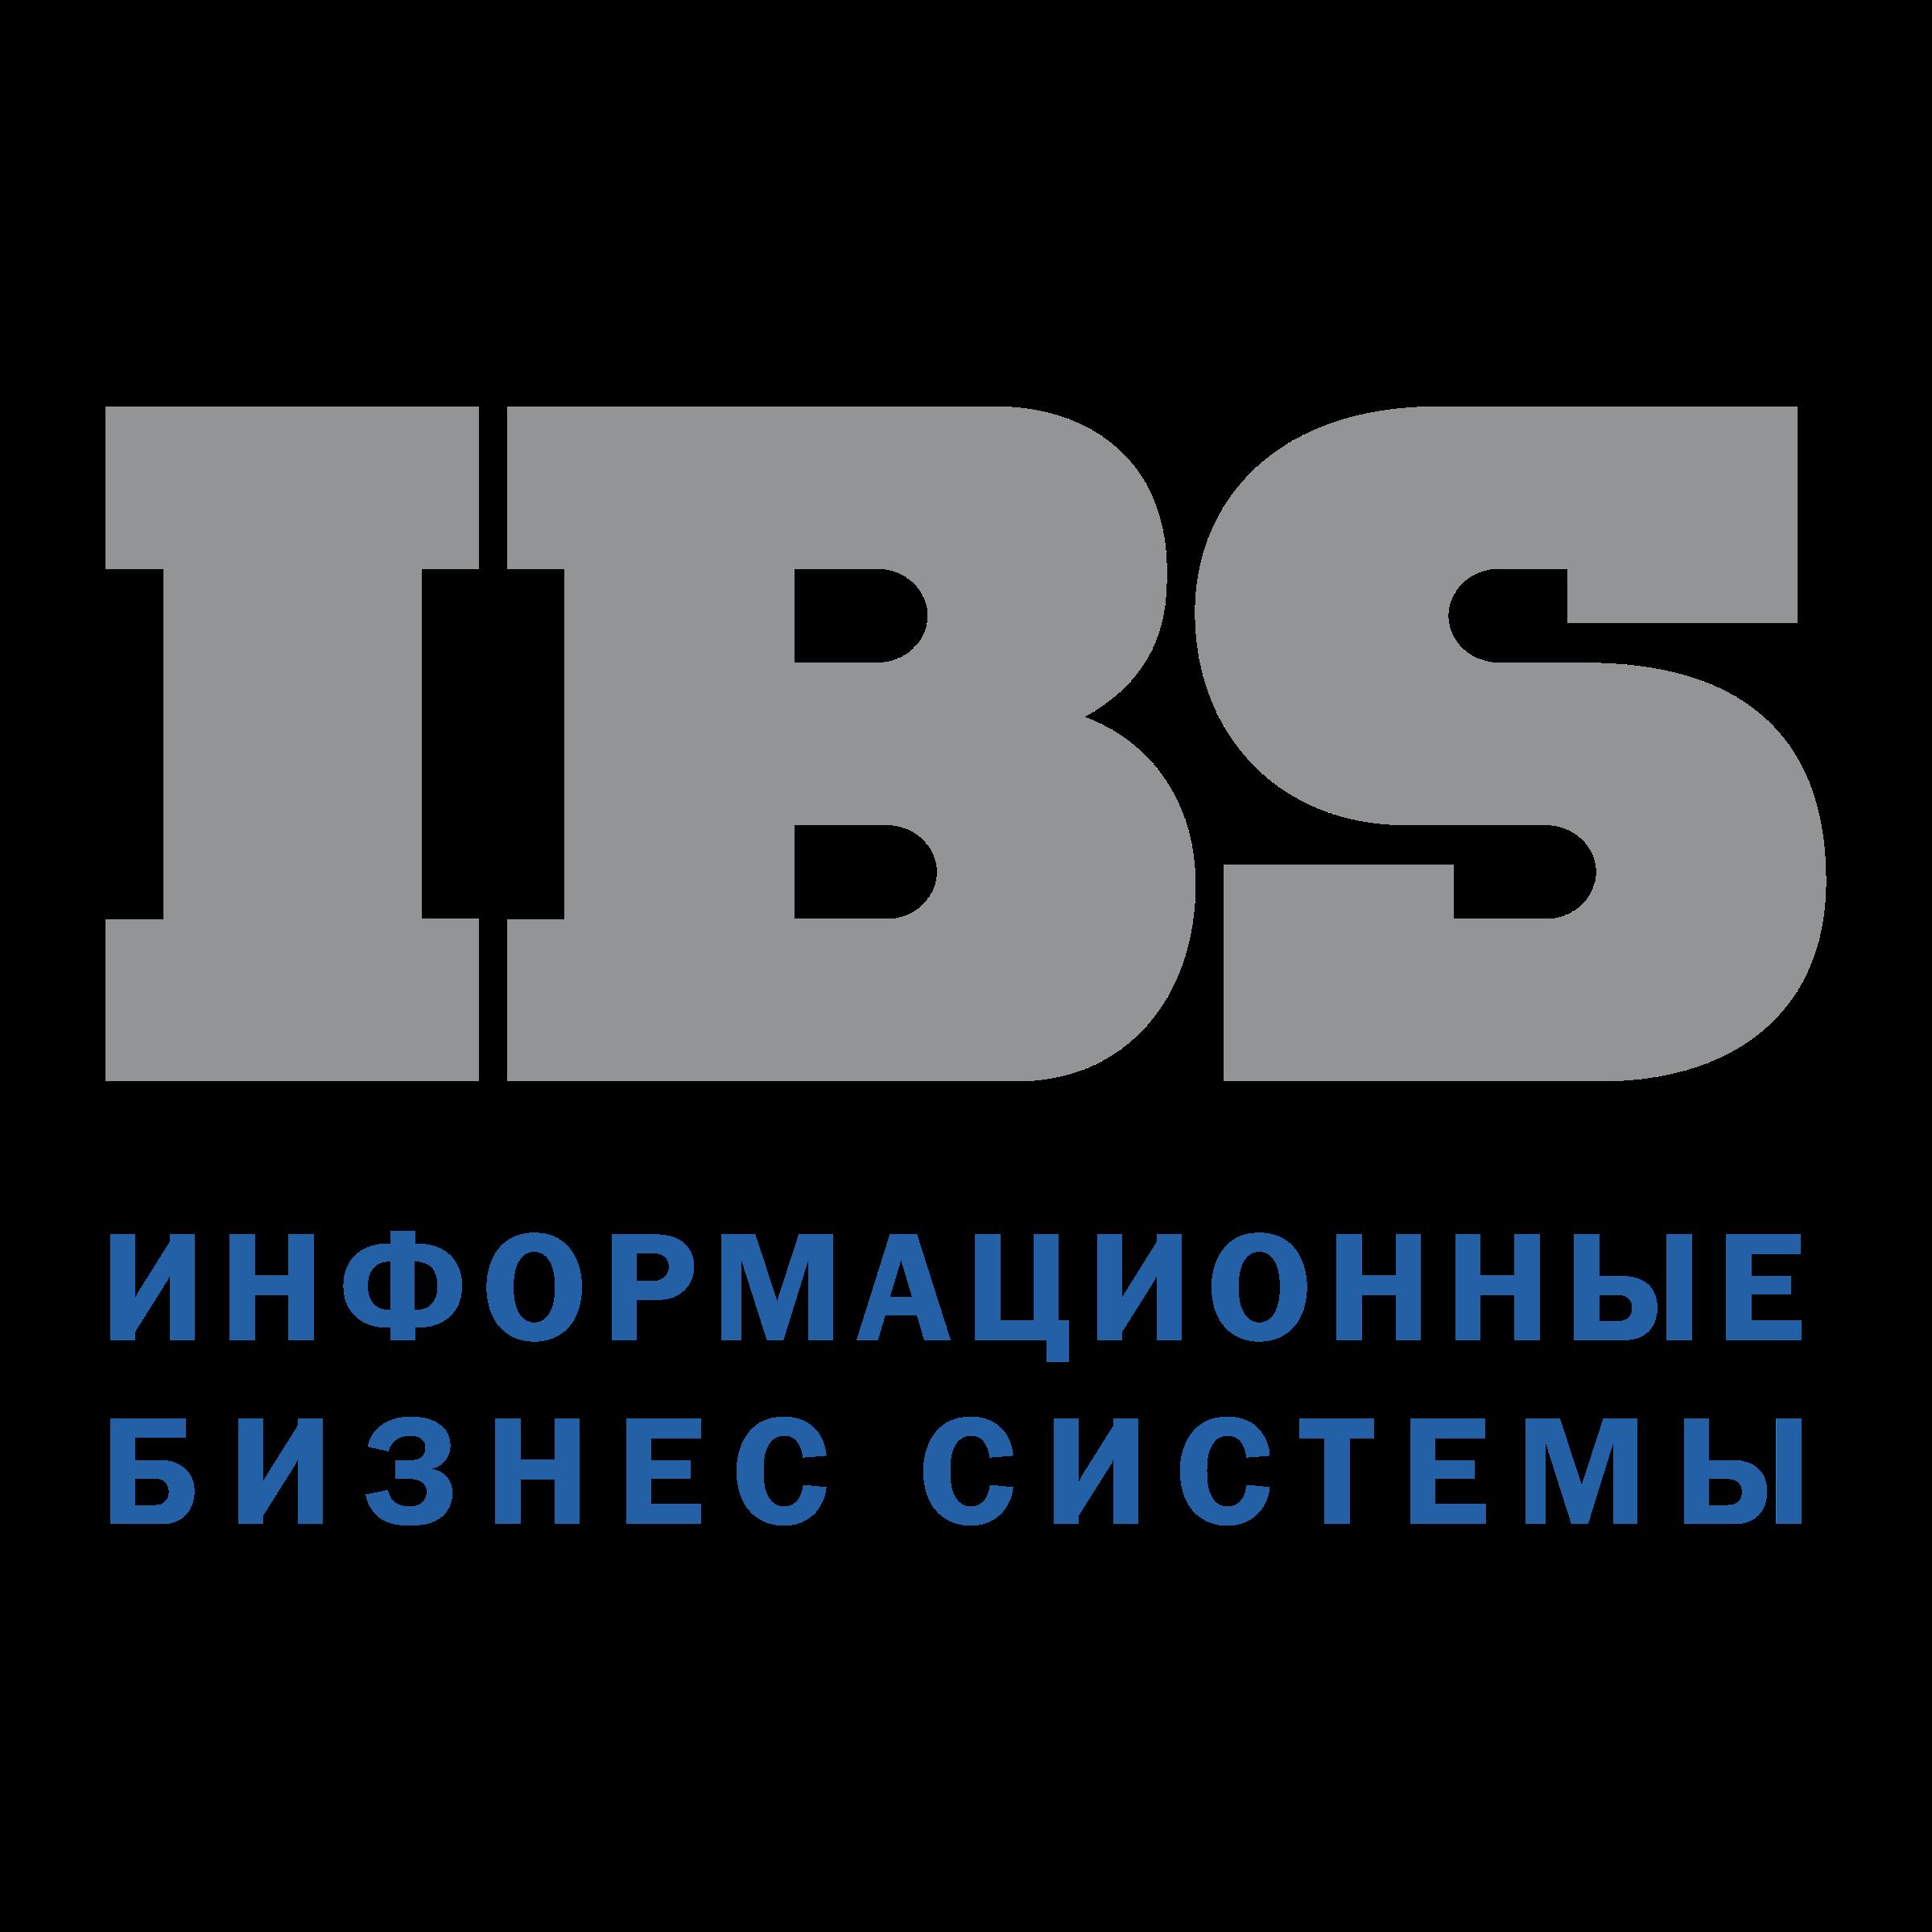 IBS Logo PNG Transparent & SVG Vector.